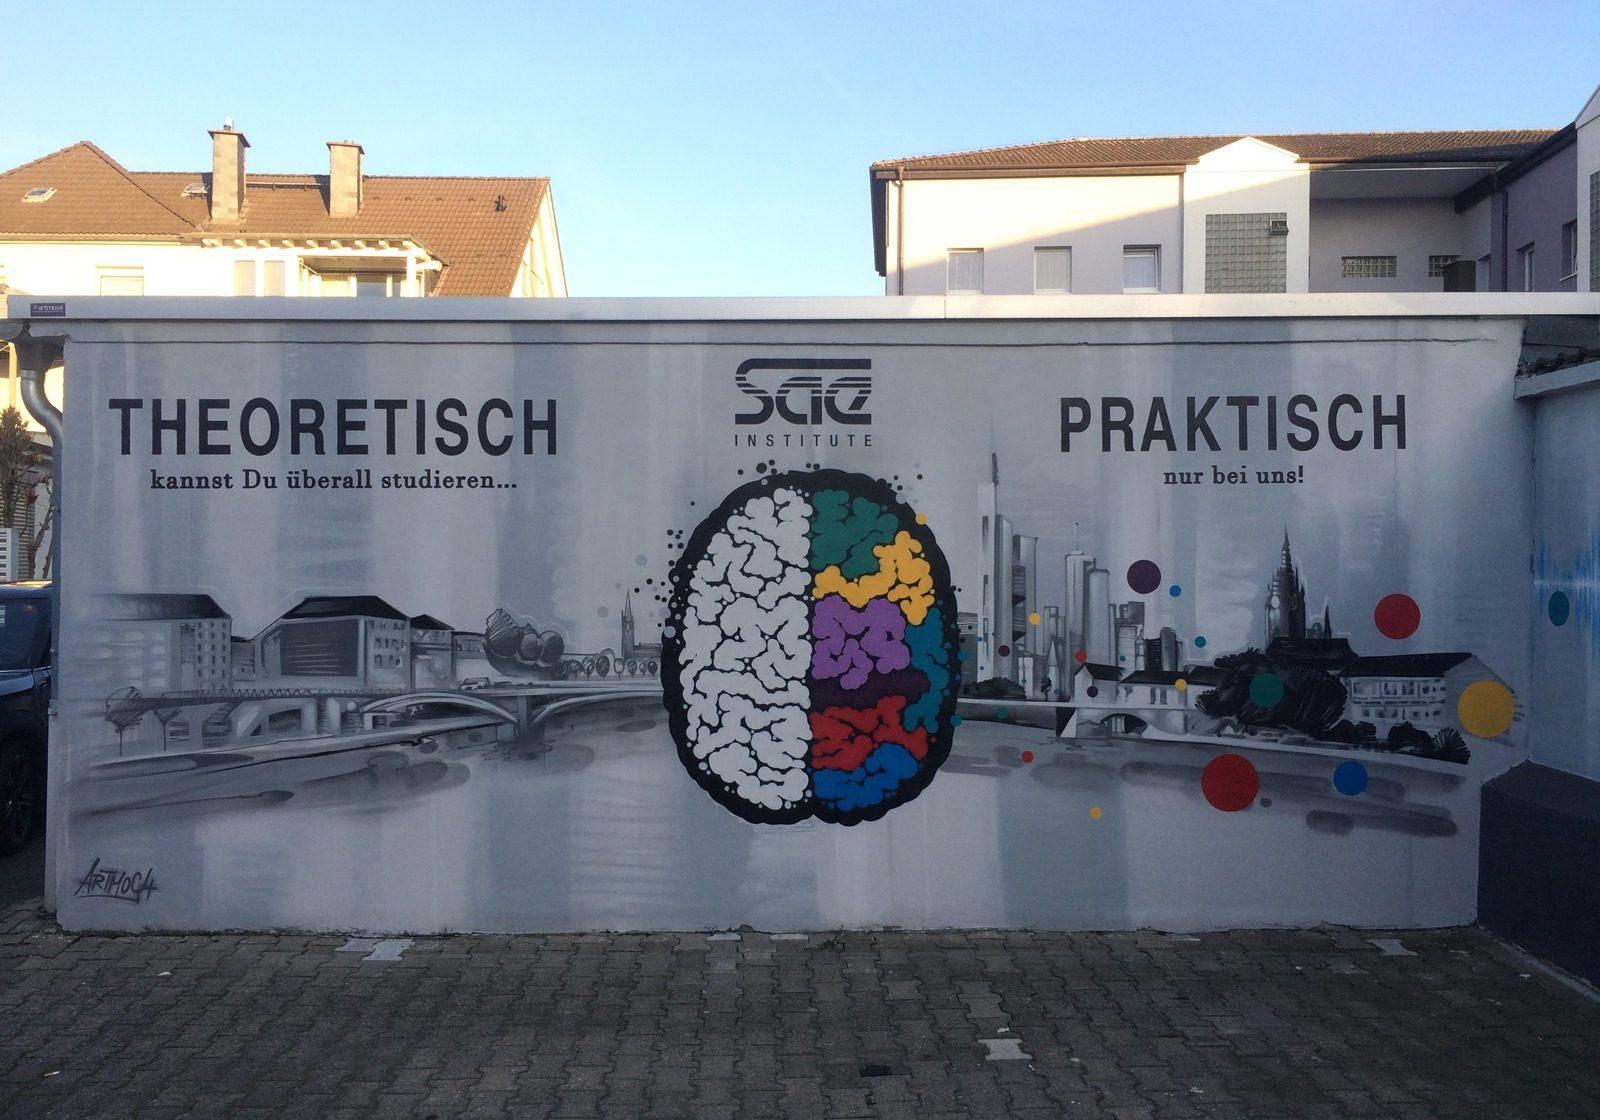 graffitiauftrag_graffitikuenstler_artmos4_sae_institut_2015_schrift_landschaft_skyline_frankfurt_gehirn_bunt_logo_punkte_audio_aussen_illustrativ